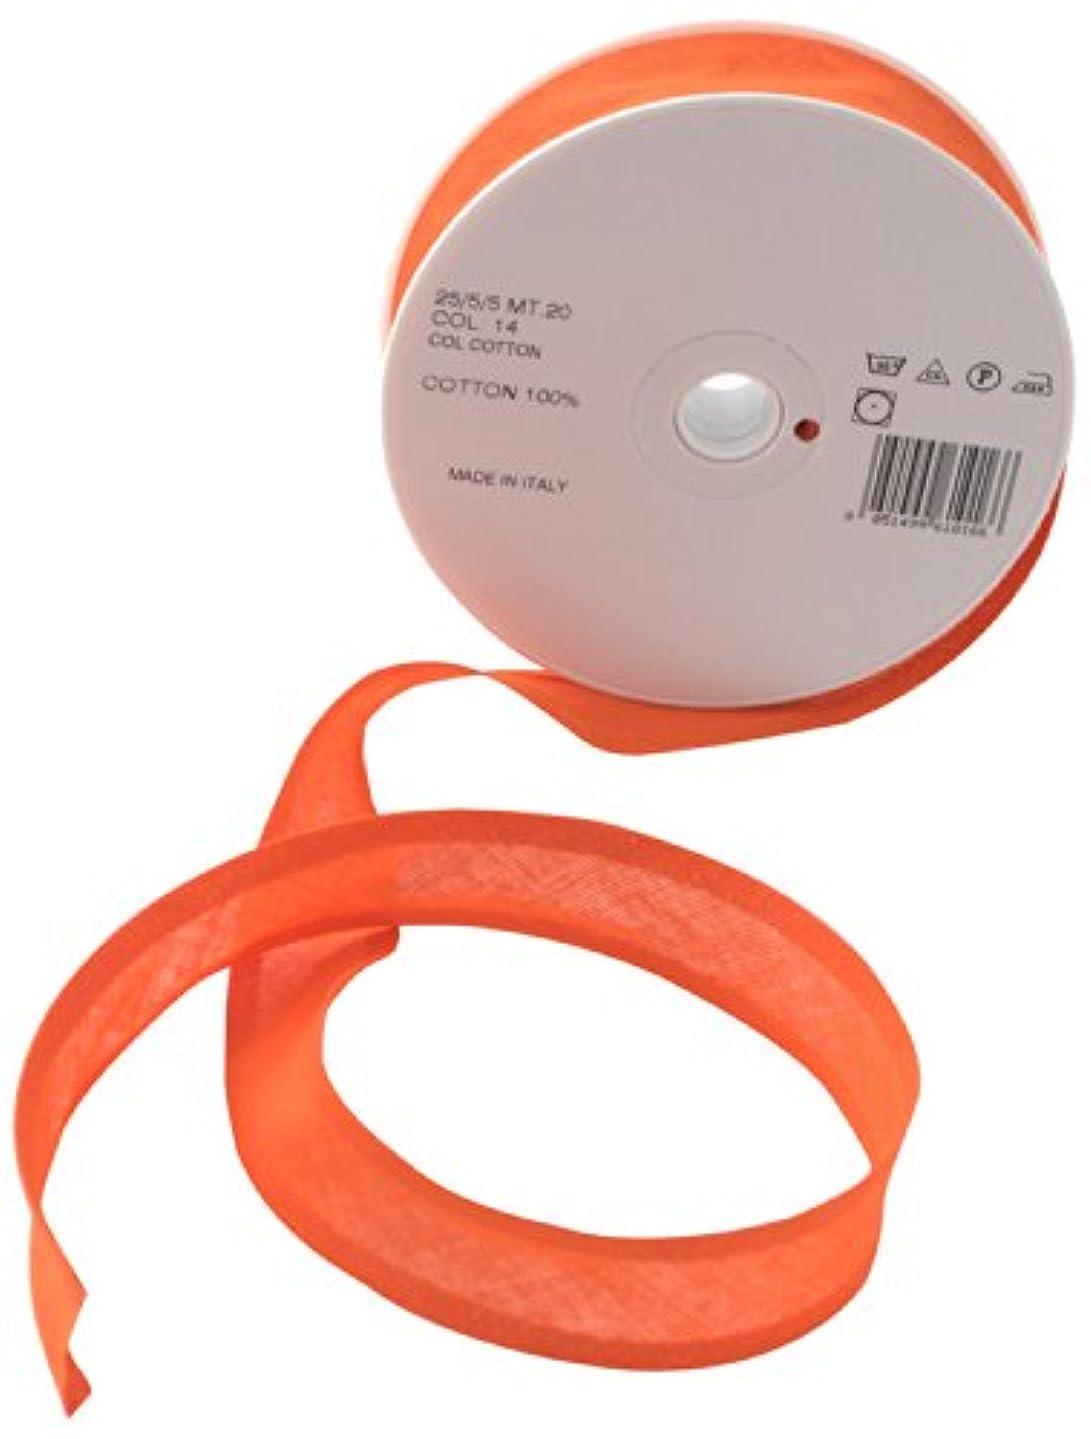 Inastri 25/5/5 mm Cotton Bias Binding, Orange